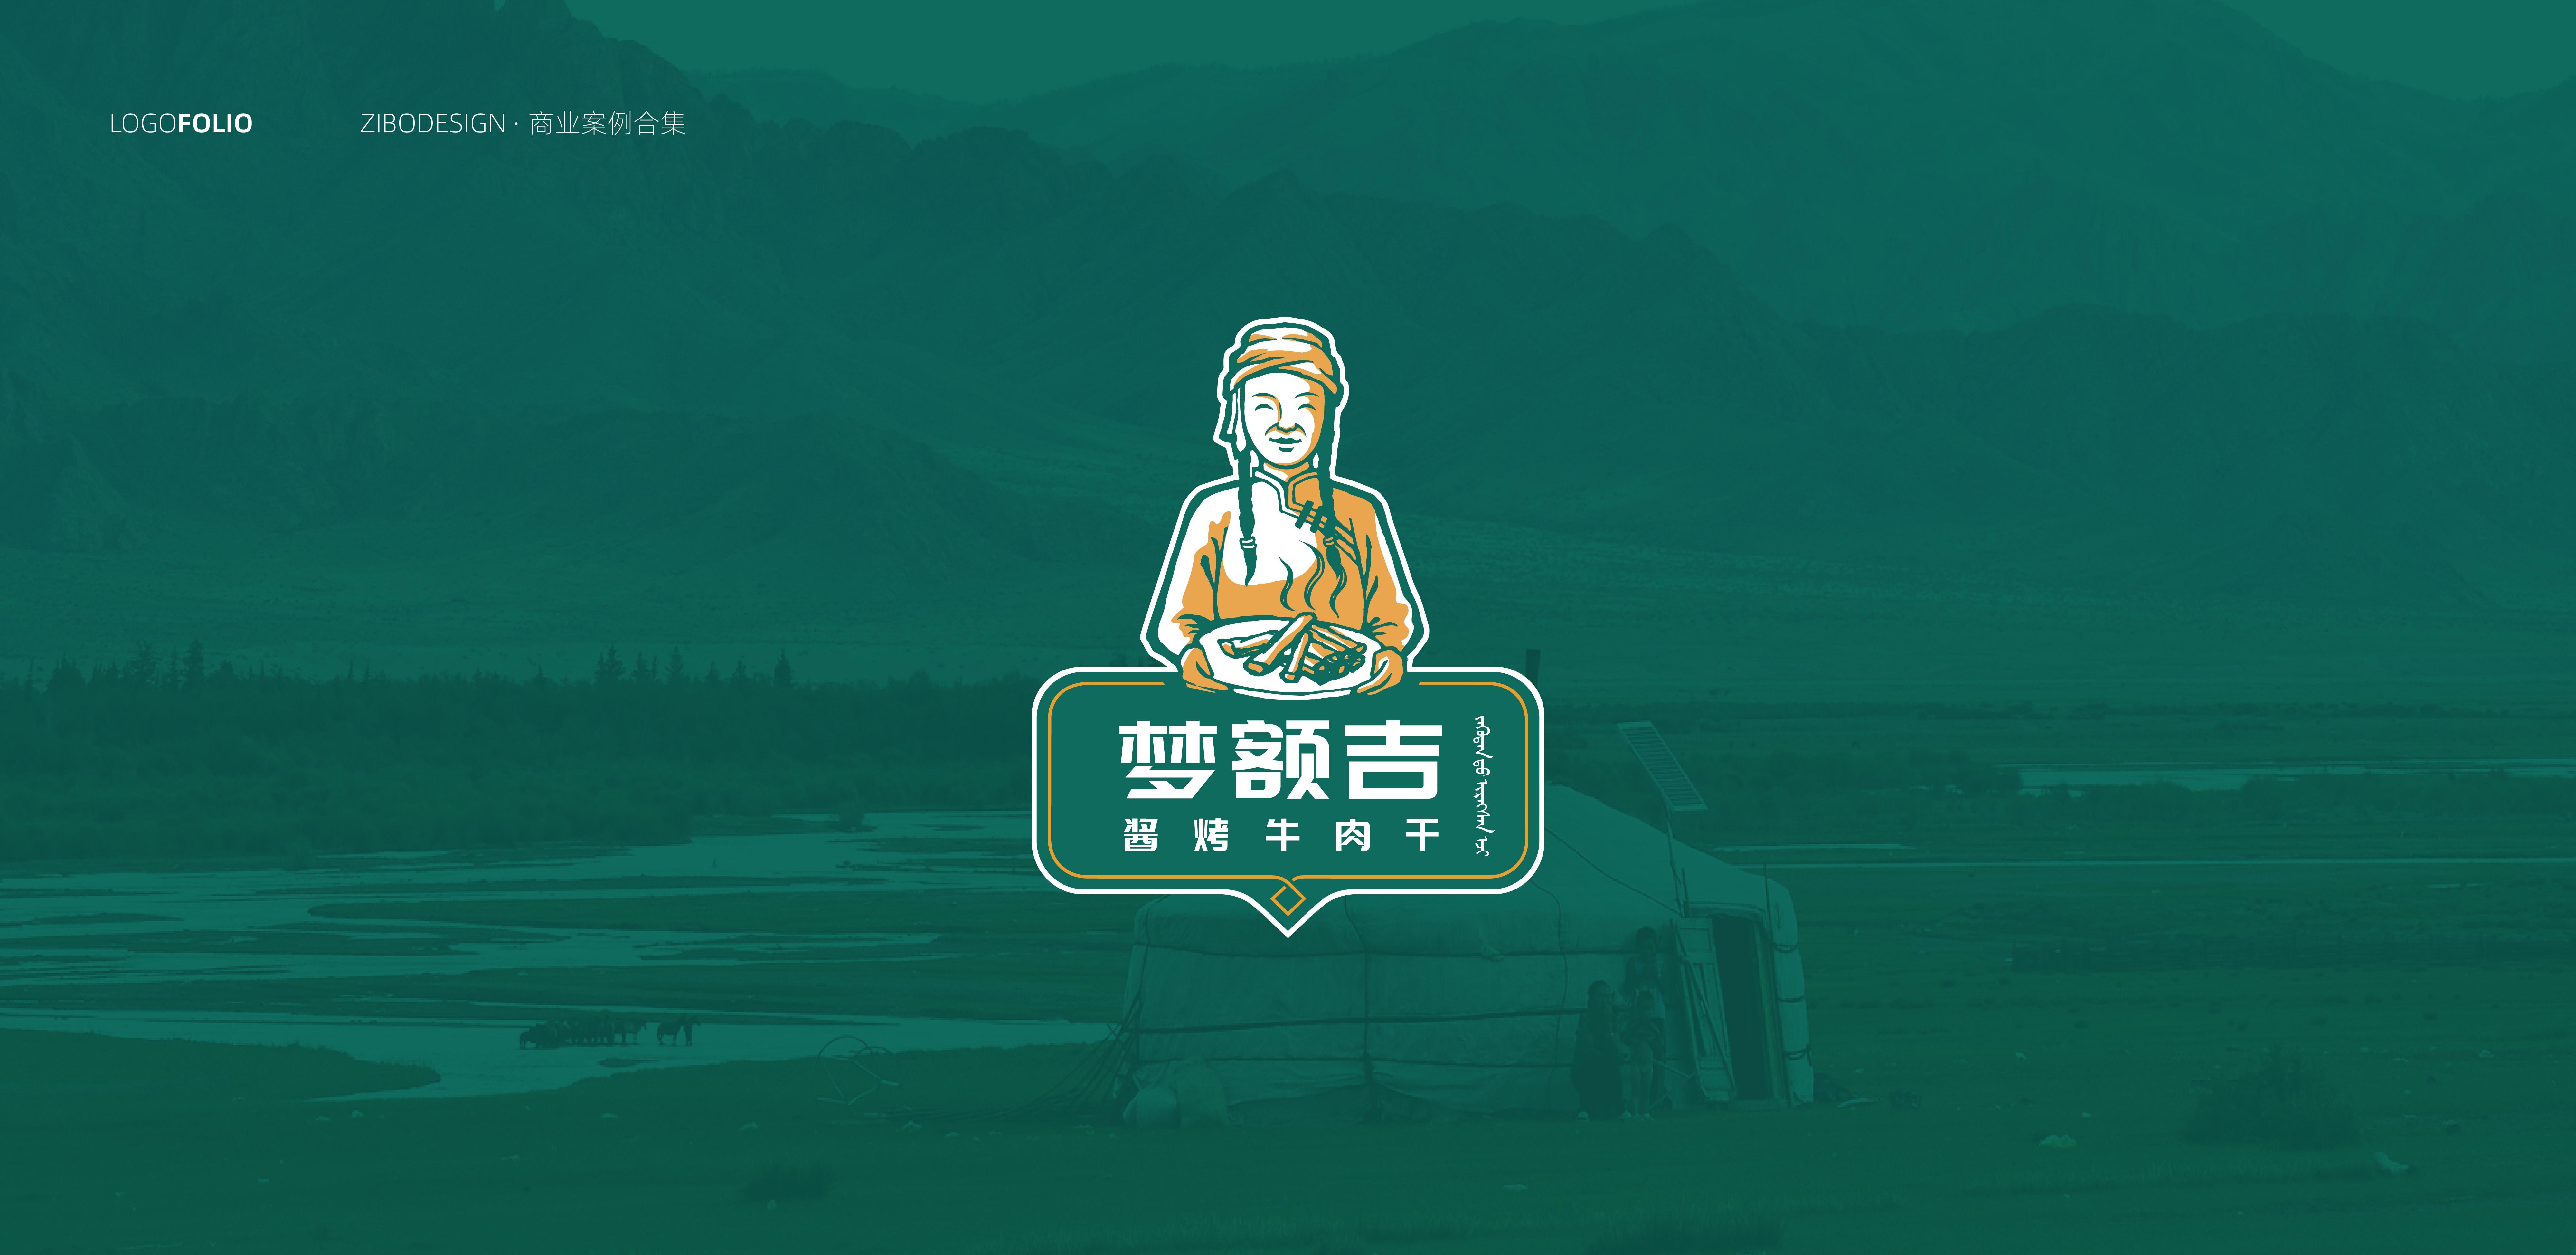 夢額吉logo設計